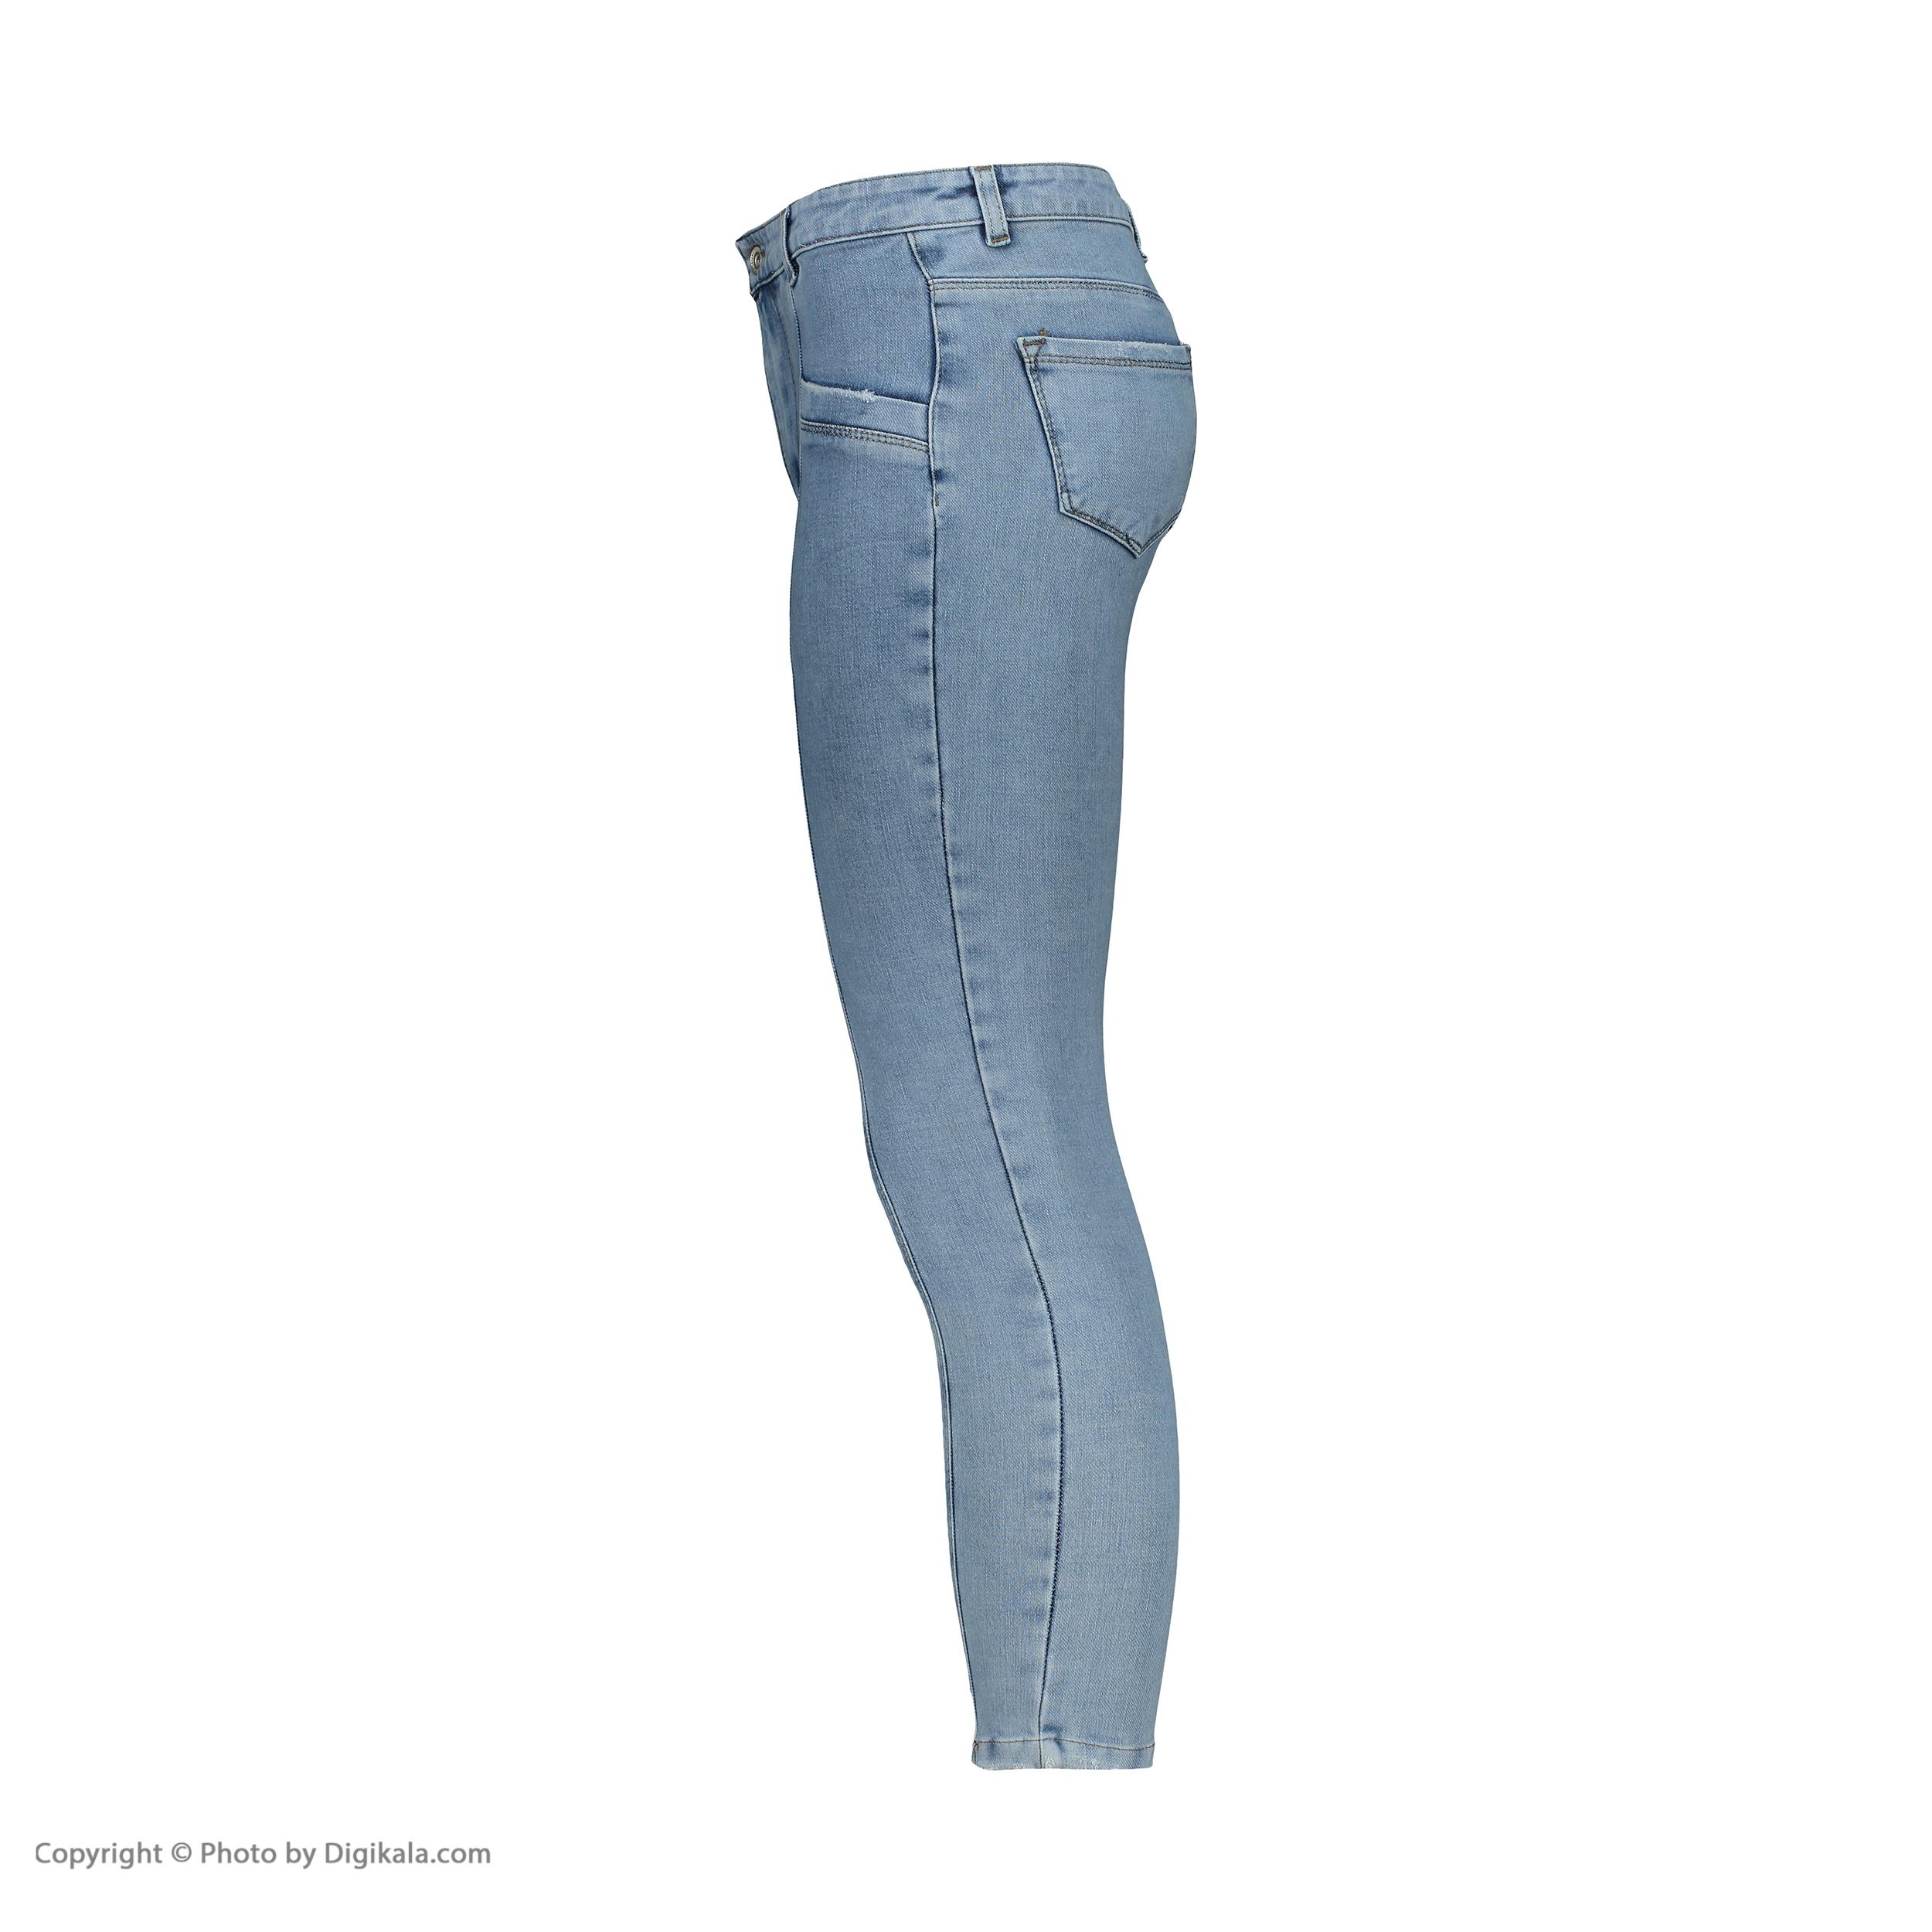 شلوار جین زنانه اکزاترس مدل P031001078080064-078